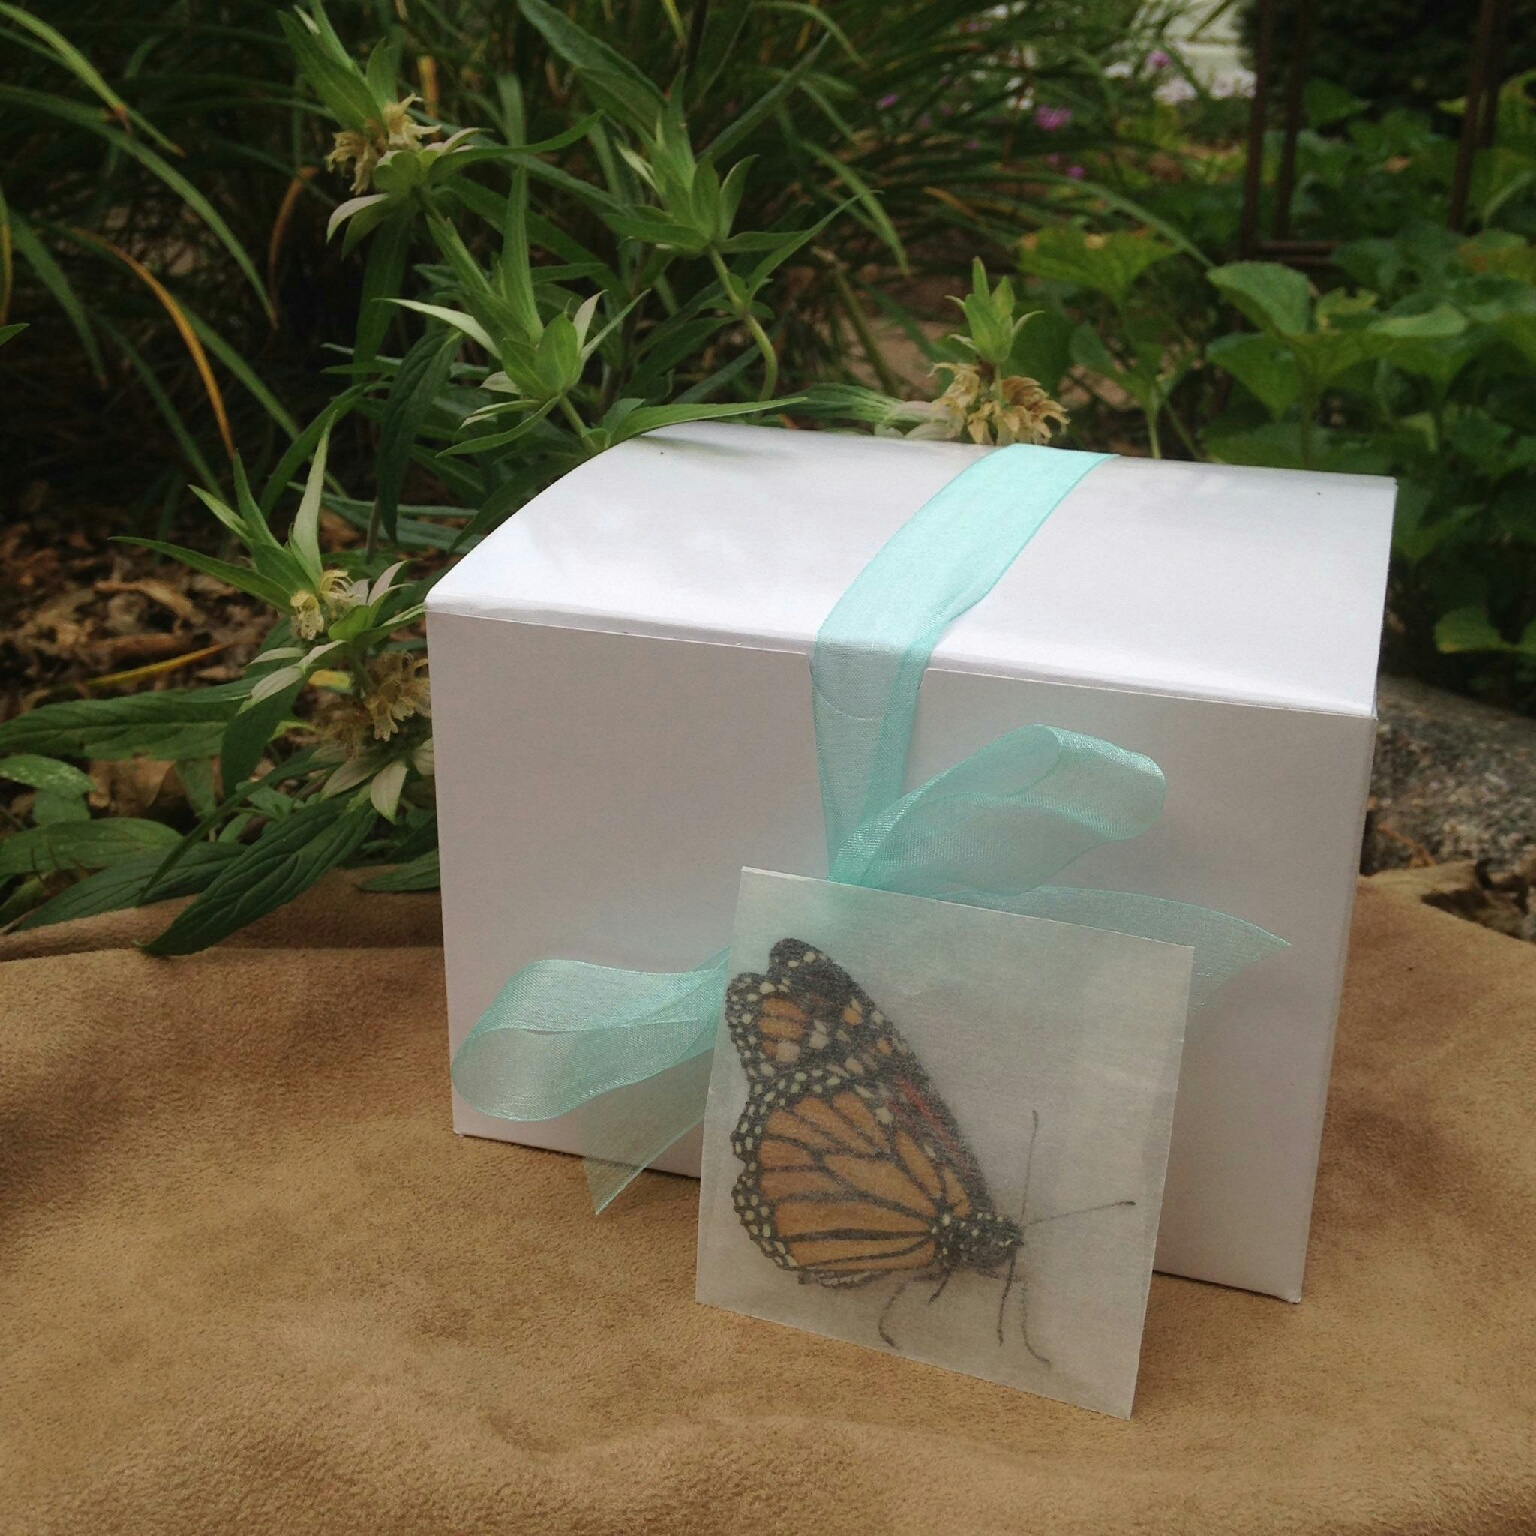 50 Moarcn Butterflies individual Release